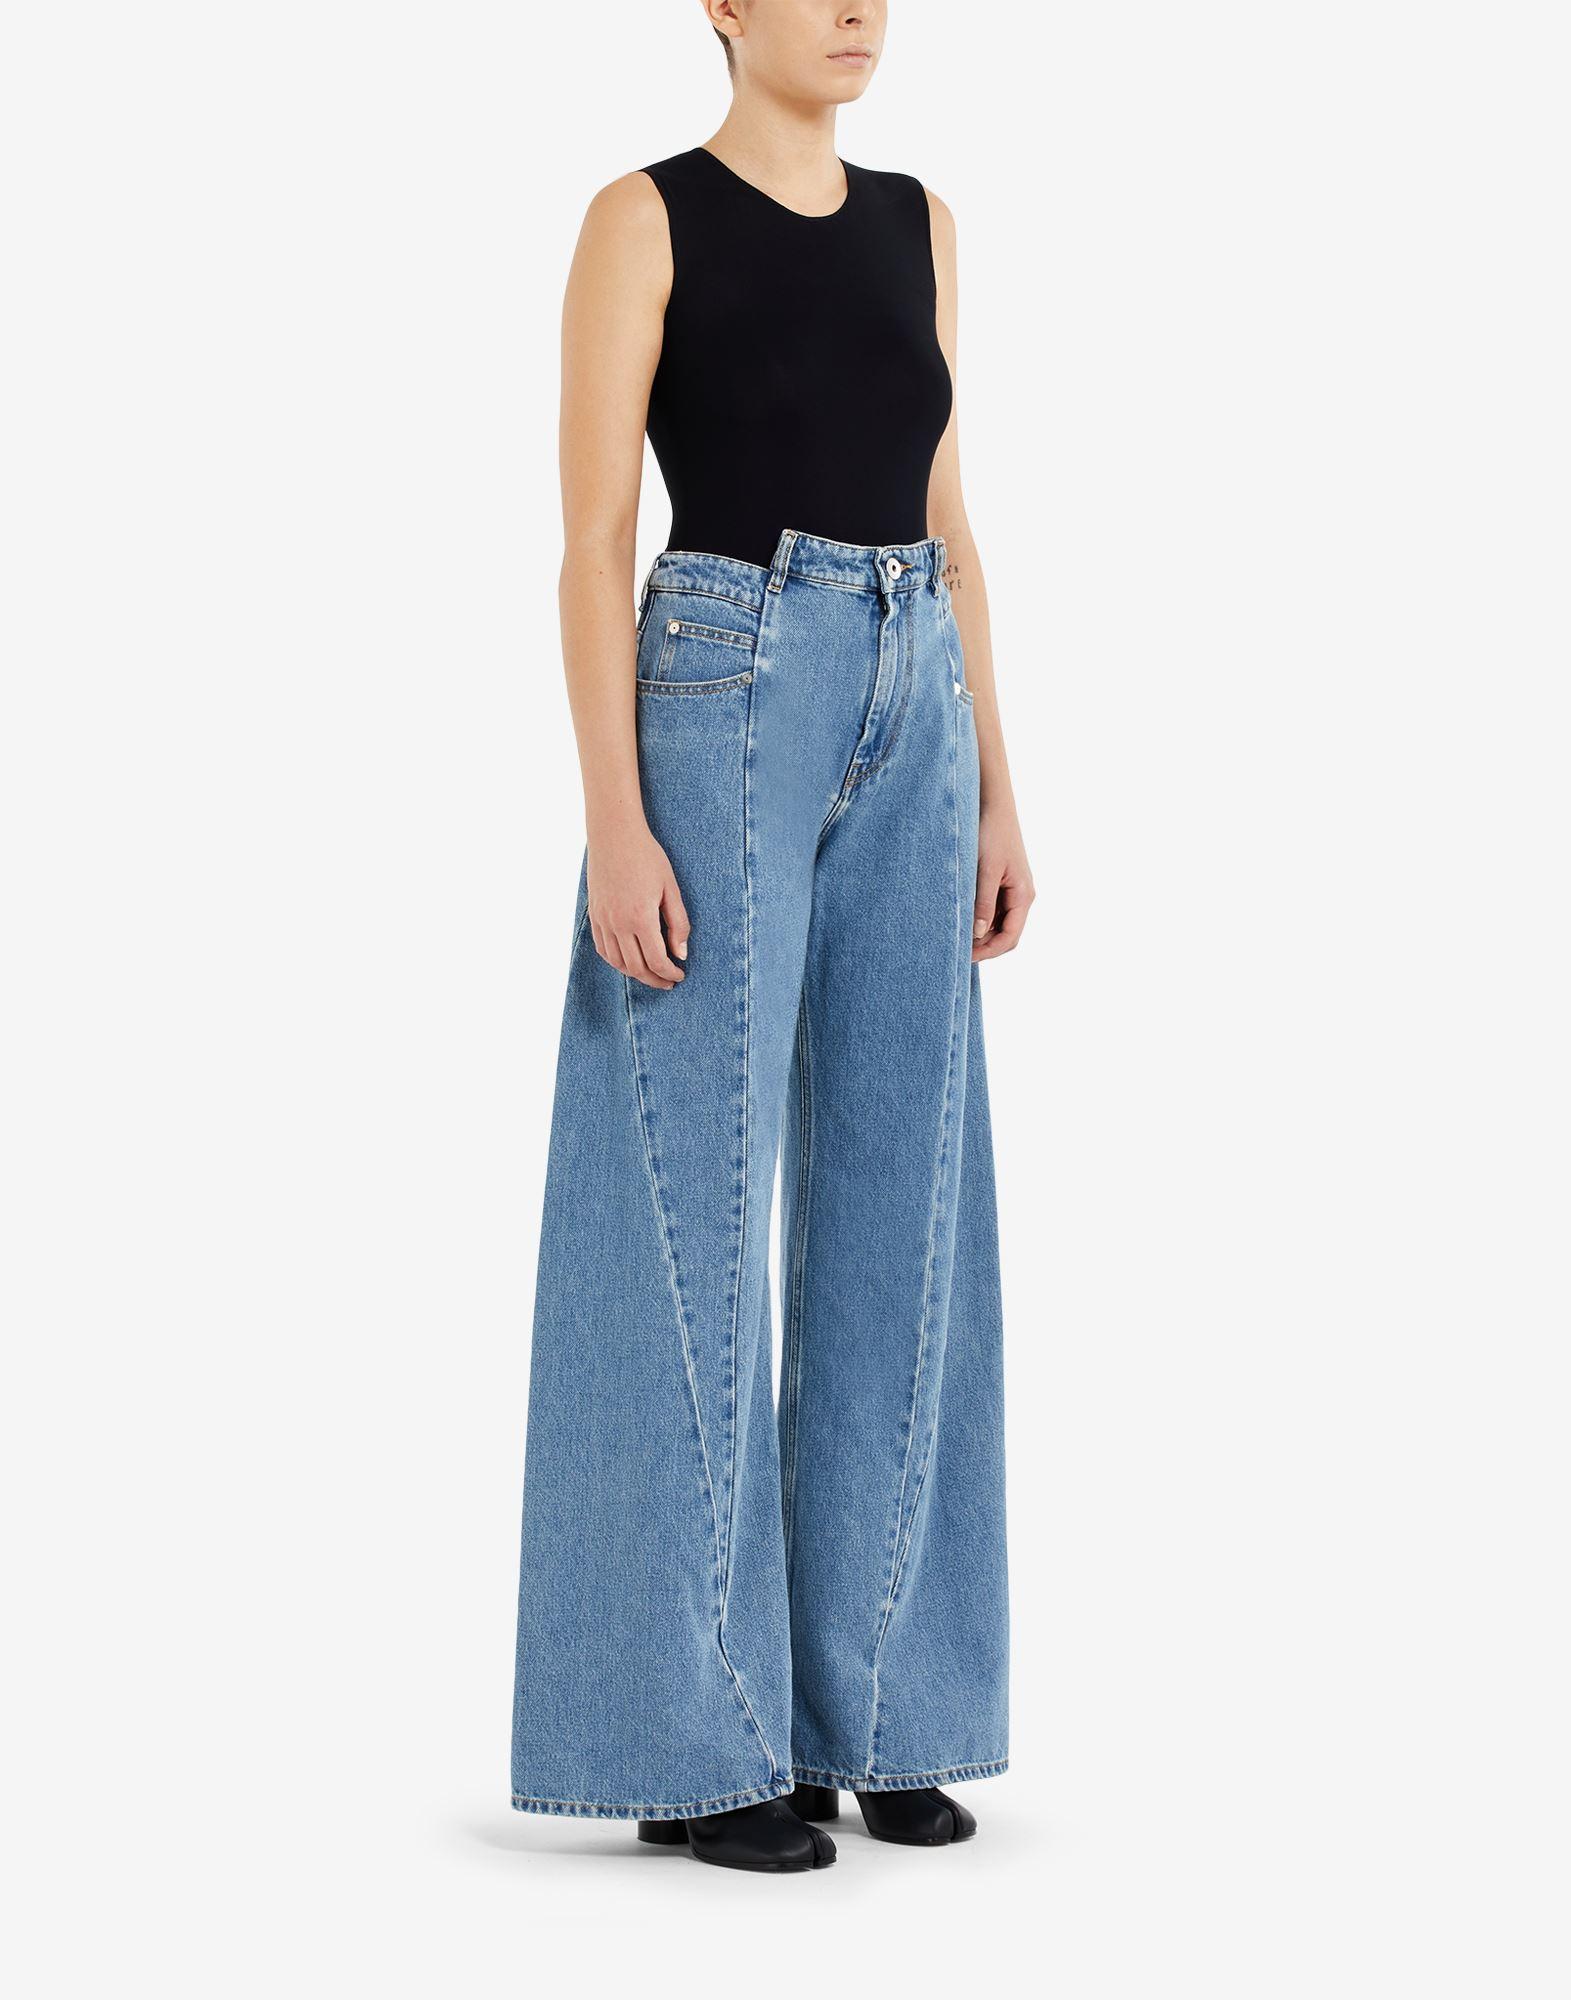 MAISON MARGIELA Pantalones de pernera ancha con diseño asimétrico decorticado Pantalones vaqueros Mujer d